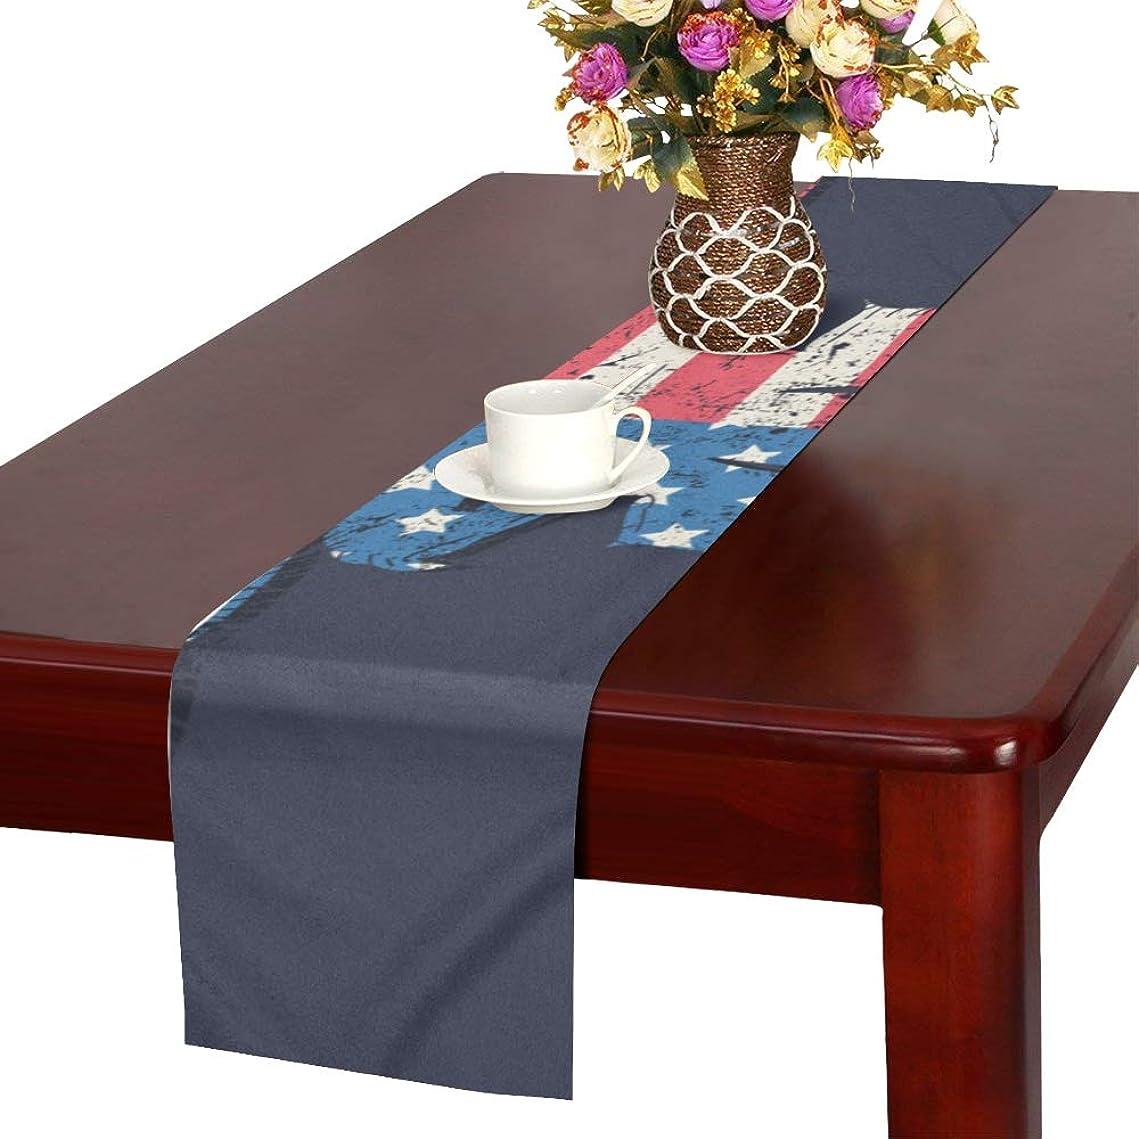 ディレクトリ航空便南GGSXD テーブルランナー 親しい 牛 クロス 食卓カバー 麻綿製 欧米 おしゃれ 16 Inch X 72 Inch (40cm X 182cm) キッチン ダイニング ホーム デコレーション モダン リビング 洗える